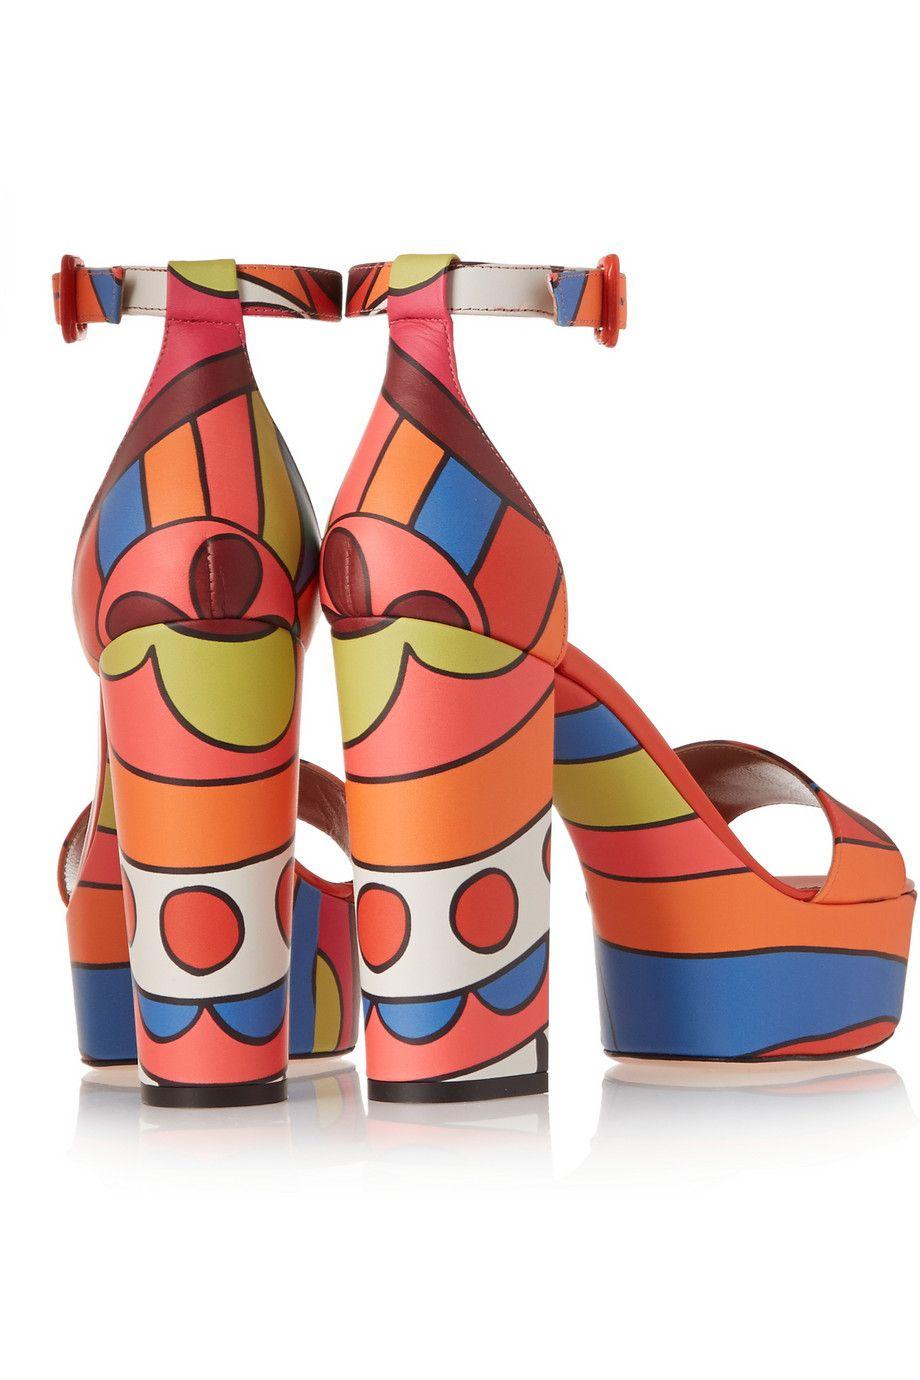 REDValentino|Printed leather sandals|NET-A-PORTER.COM